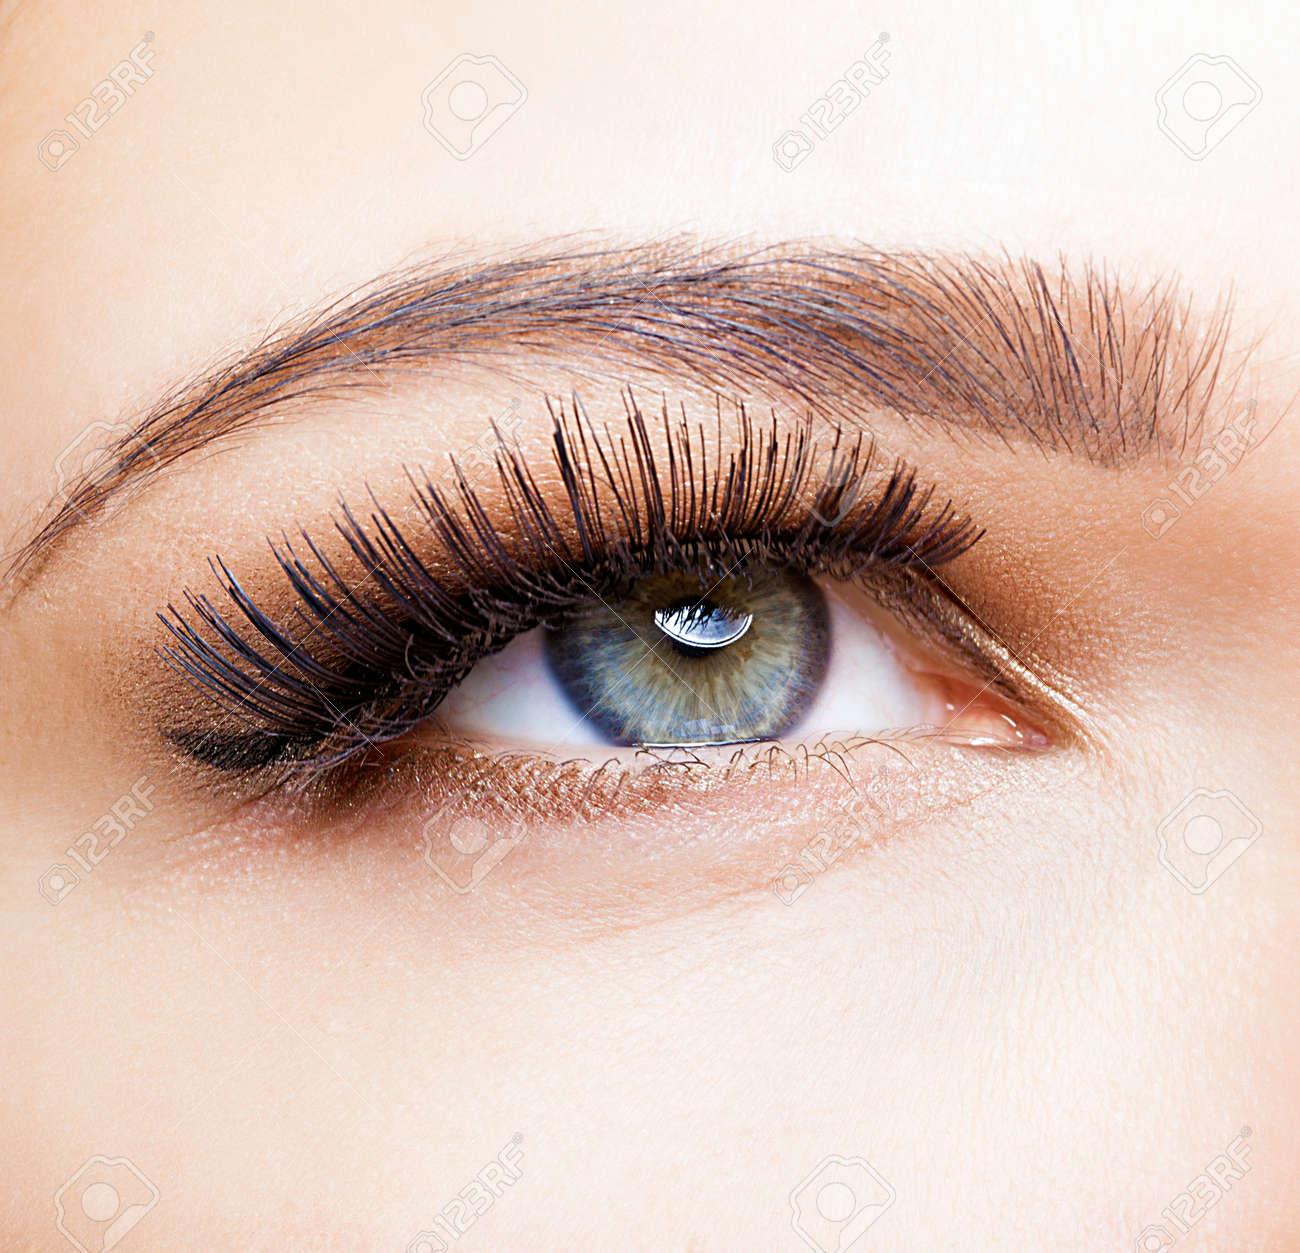 Female eye with long eyelashes closeup shot - 36611831